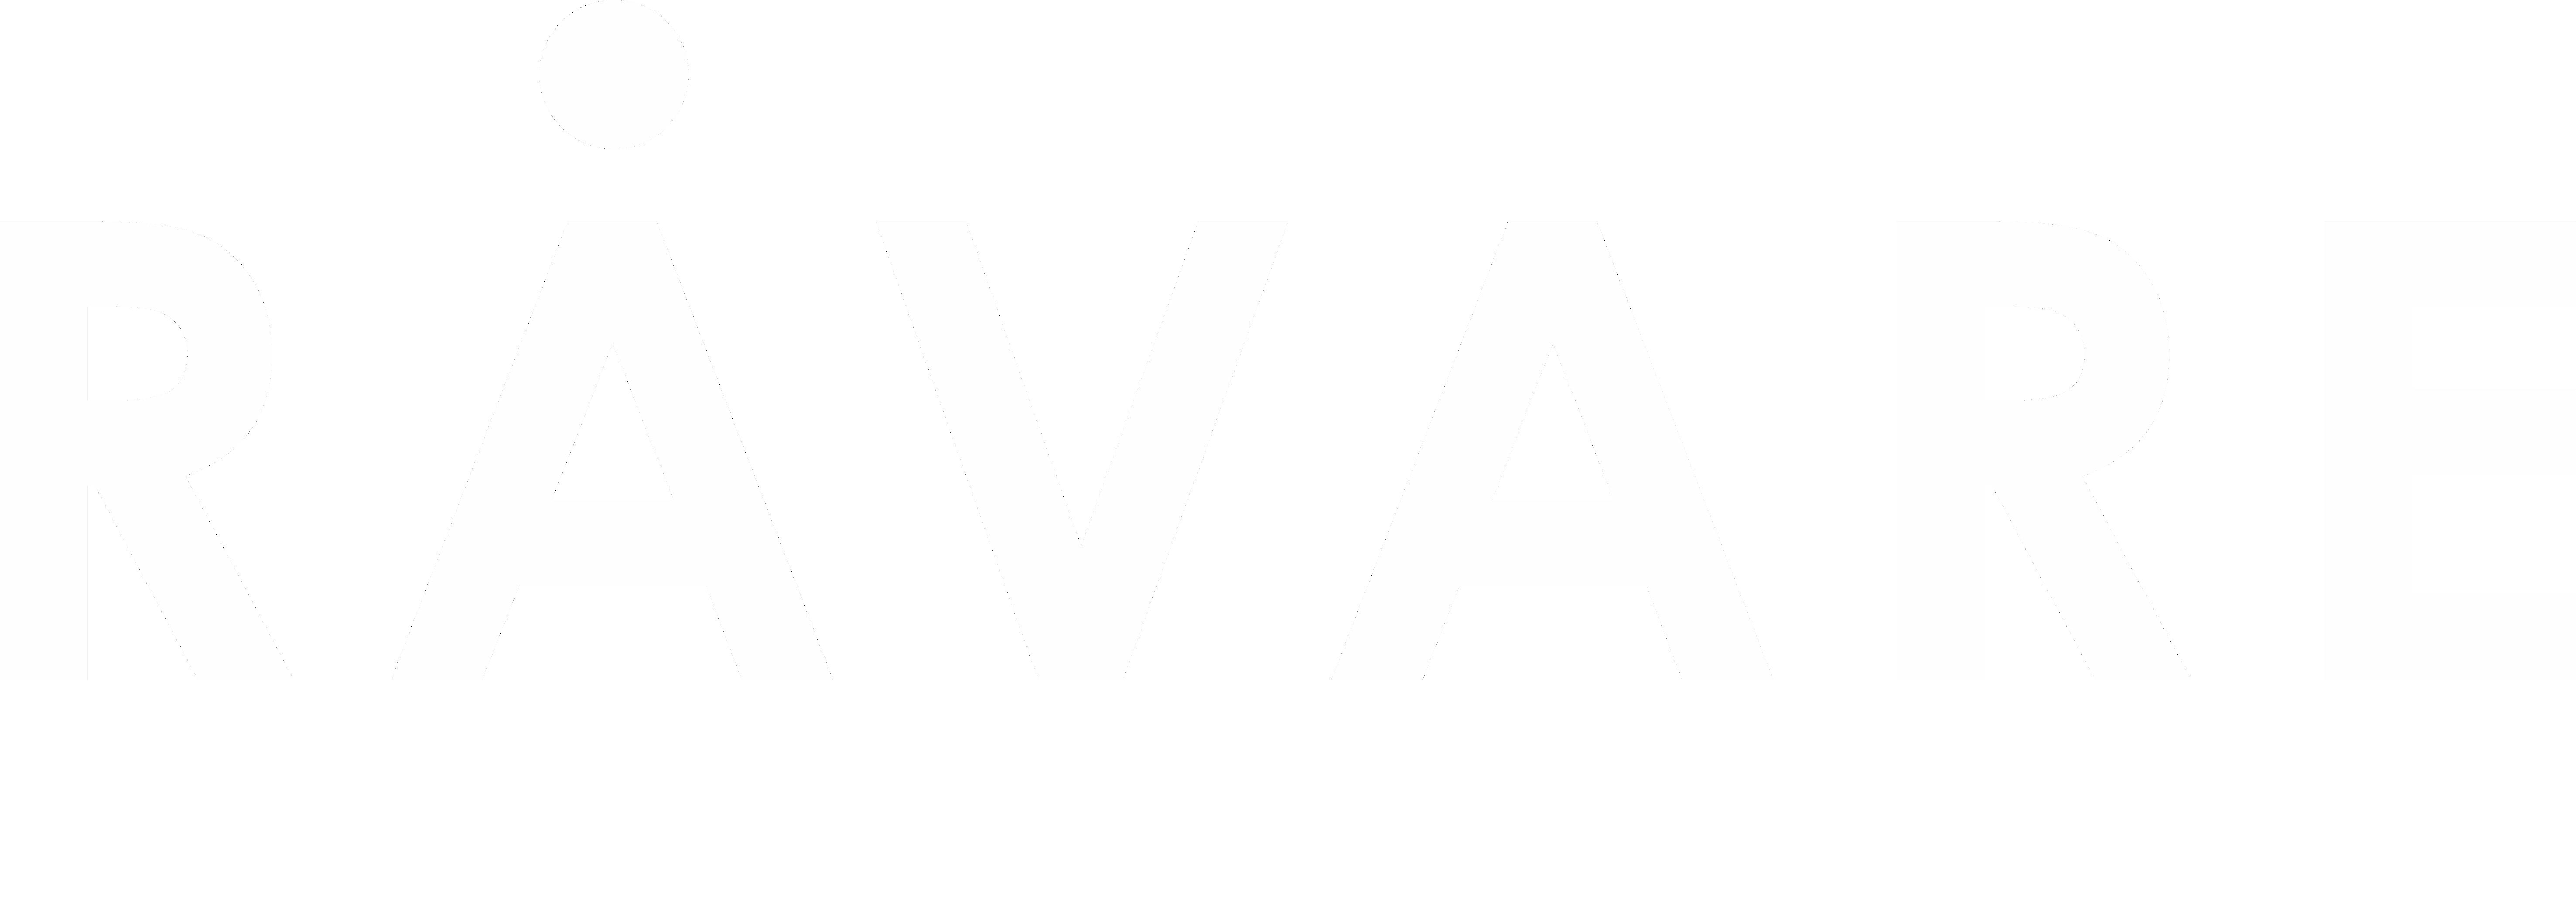 RÅVARE